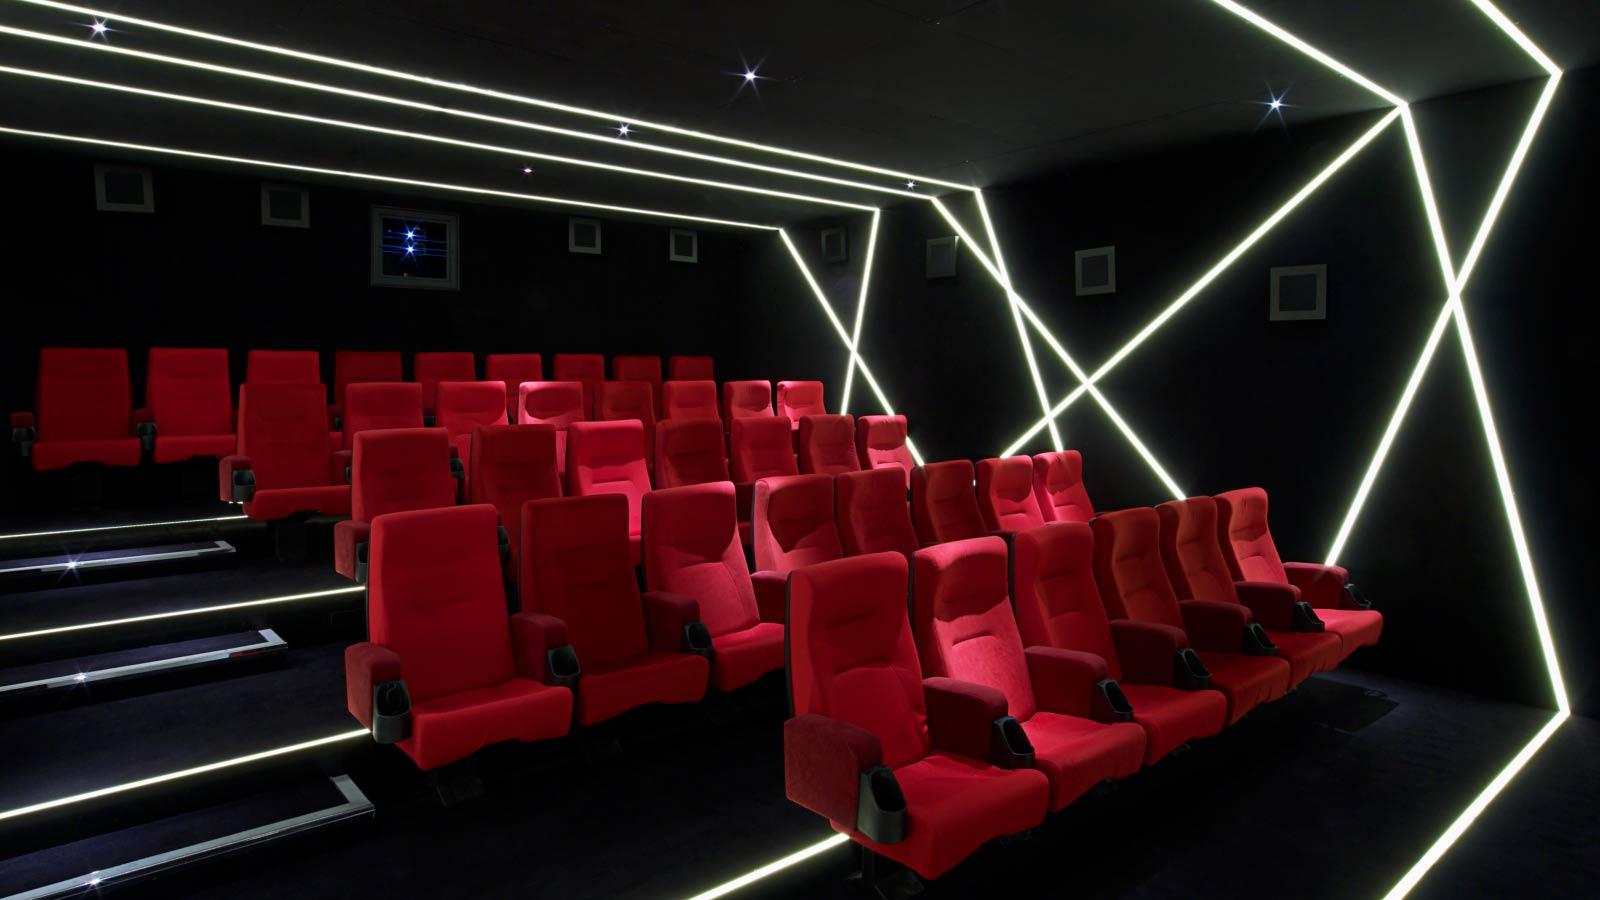 W・ロンドン・レスター・スクエアの映写室